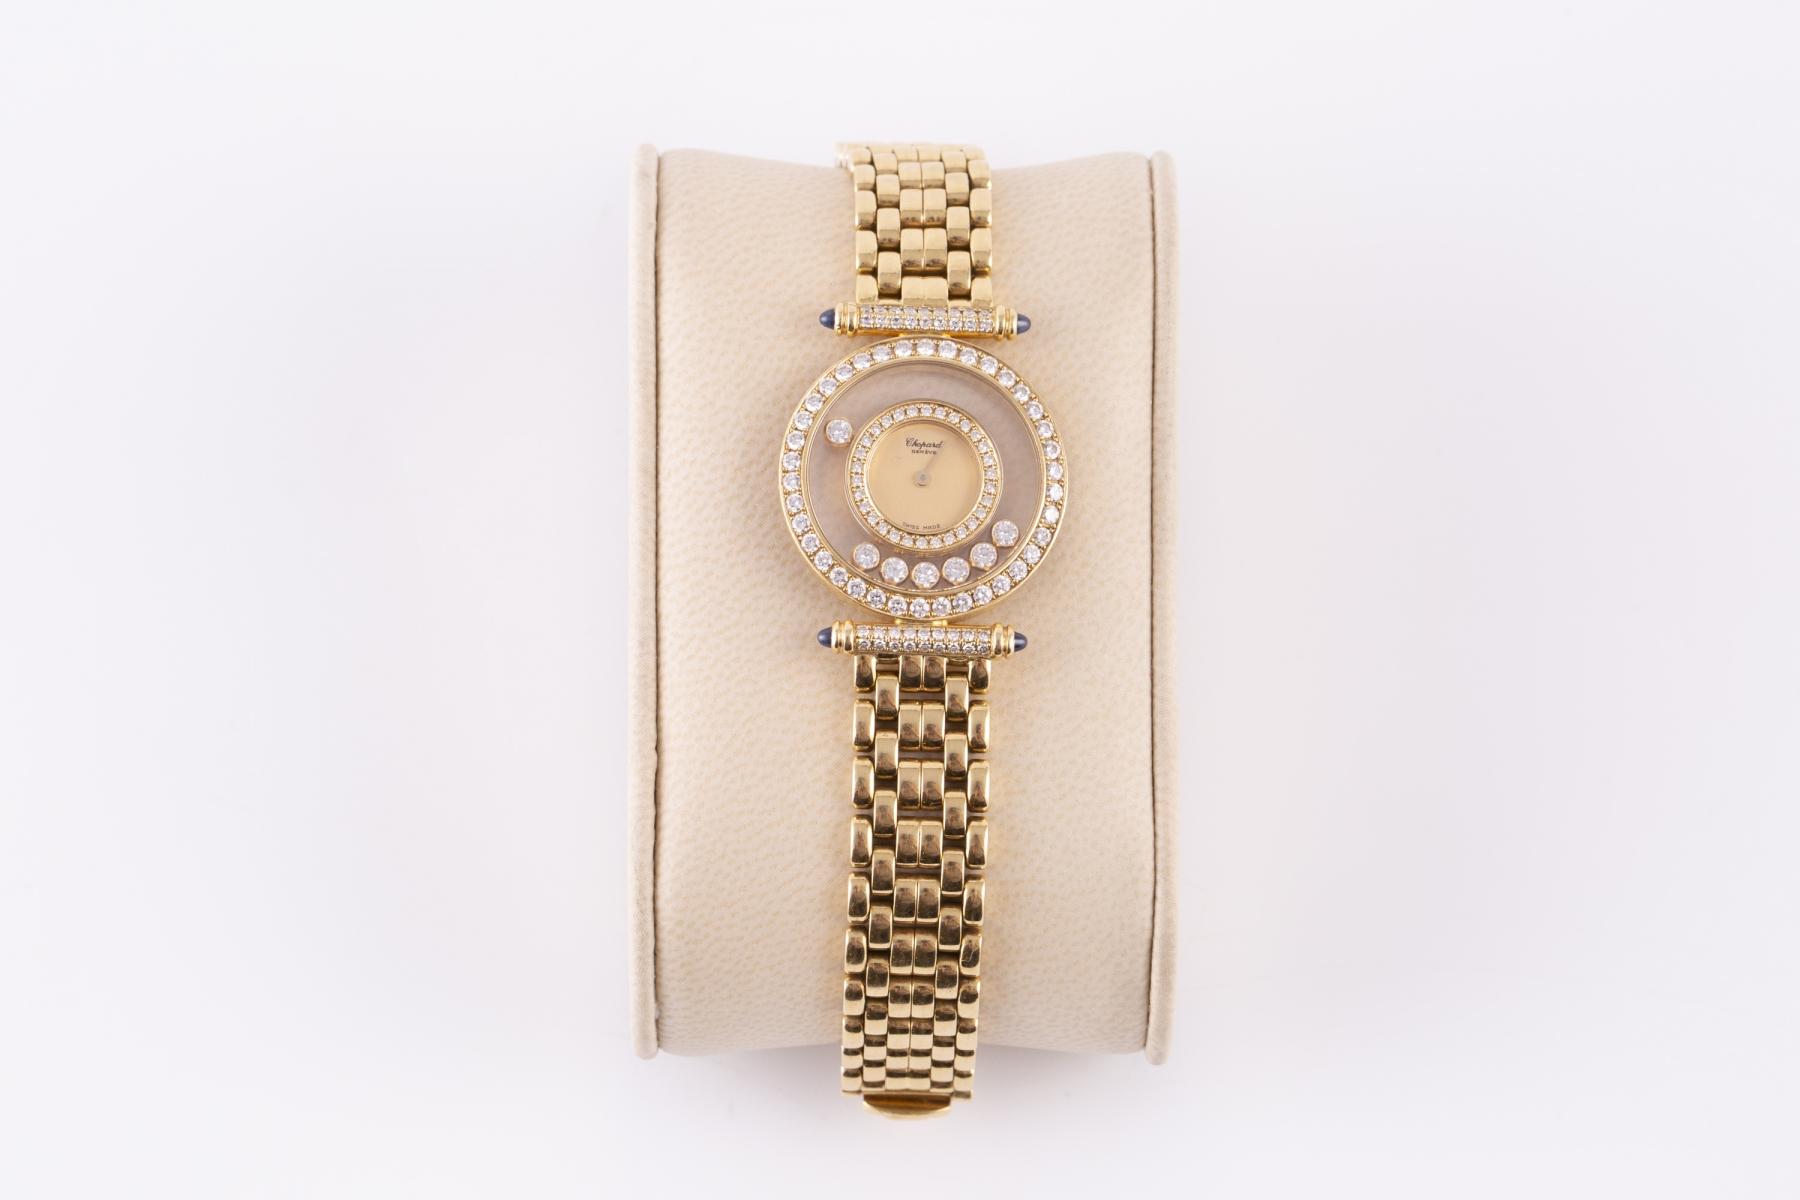 162- CHOPARD. Montre Happy Diamonds en or jaune le cadran entouré de diamants, numérotée. Adjugé 4800€